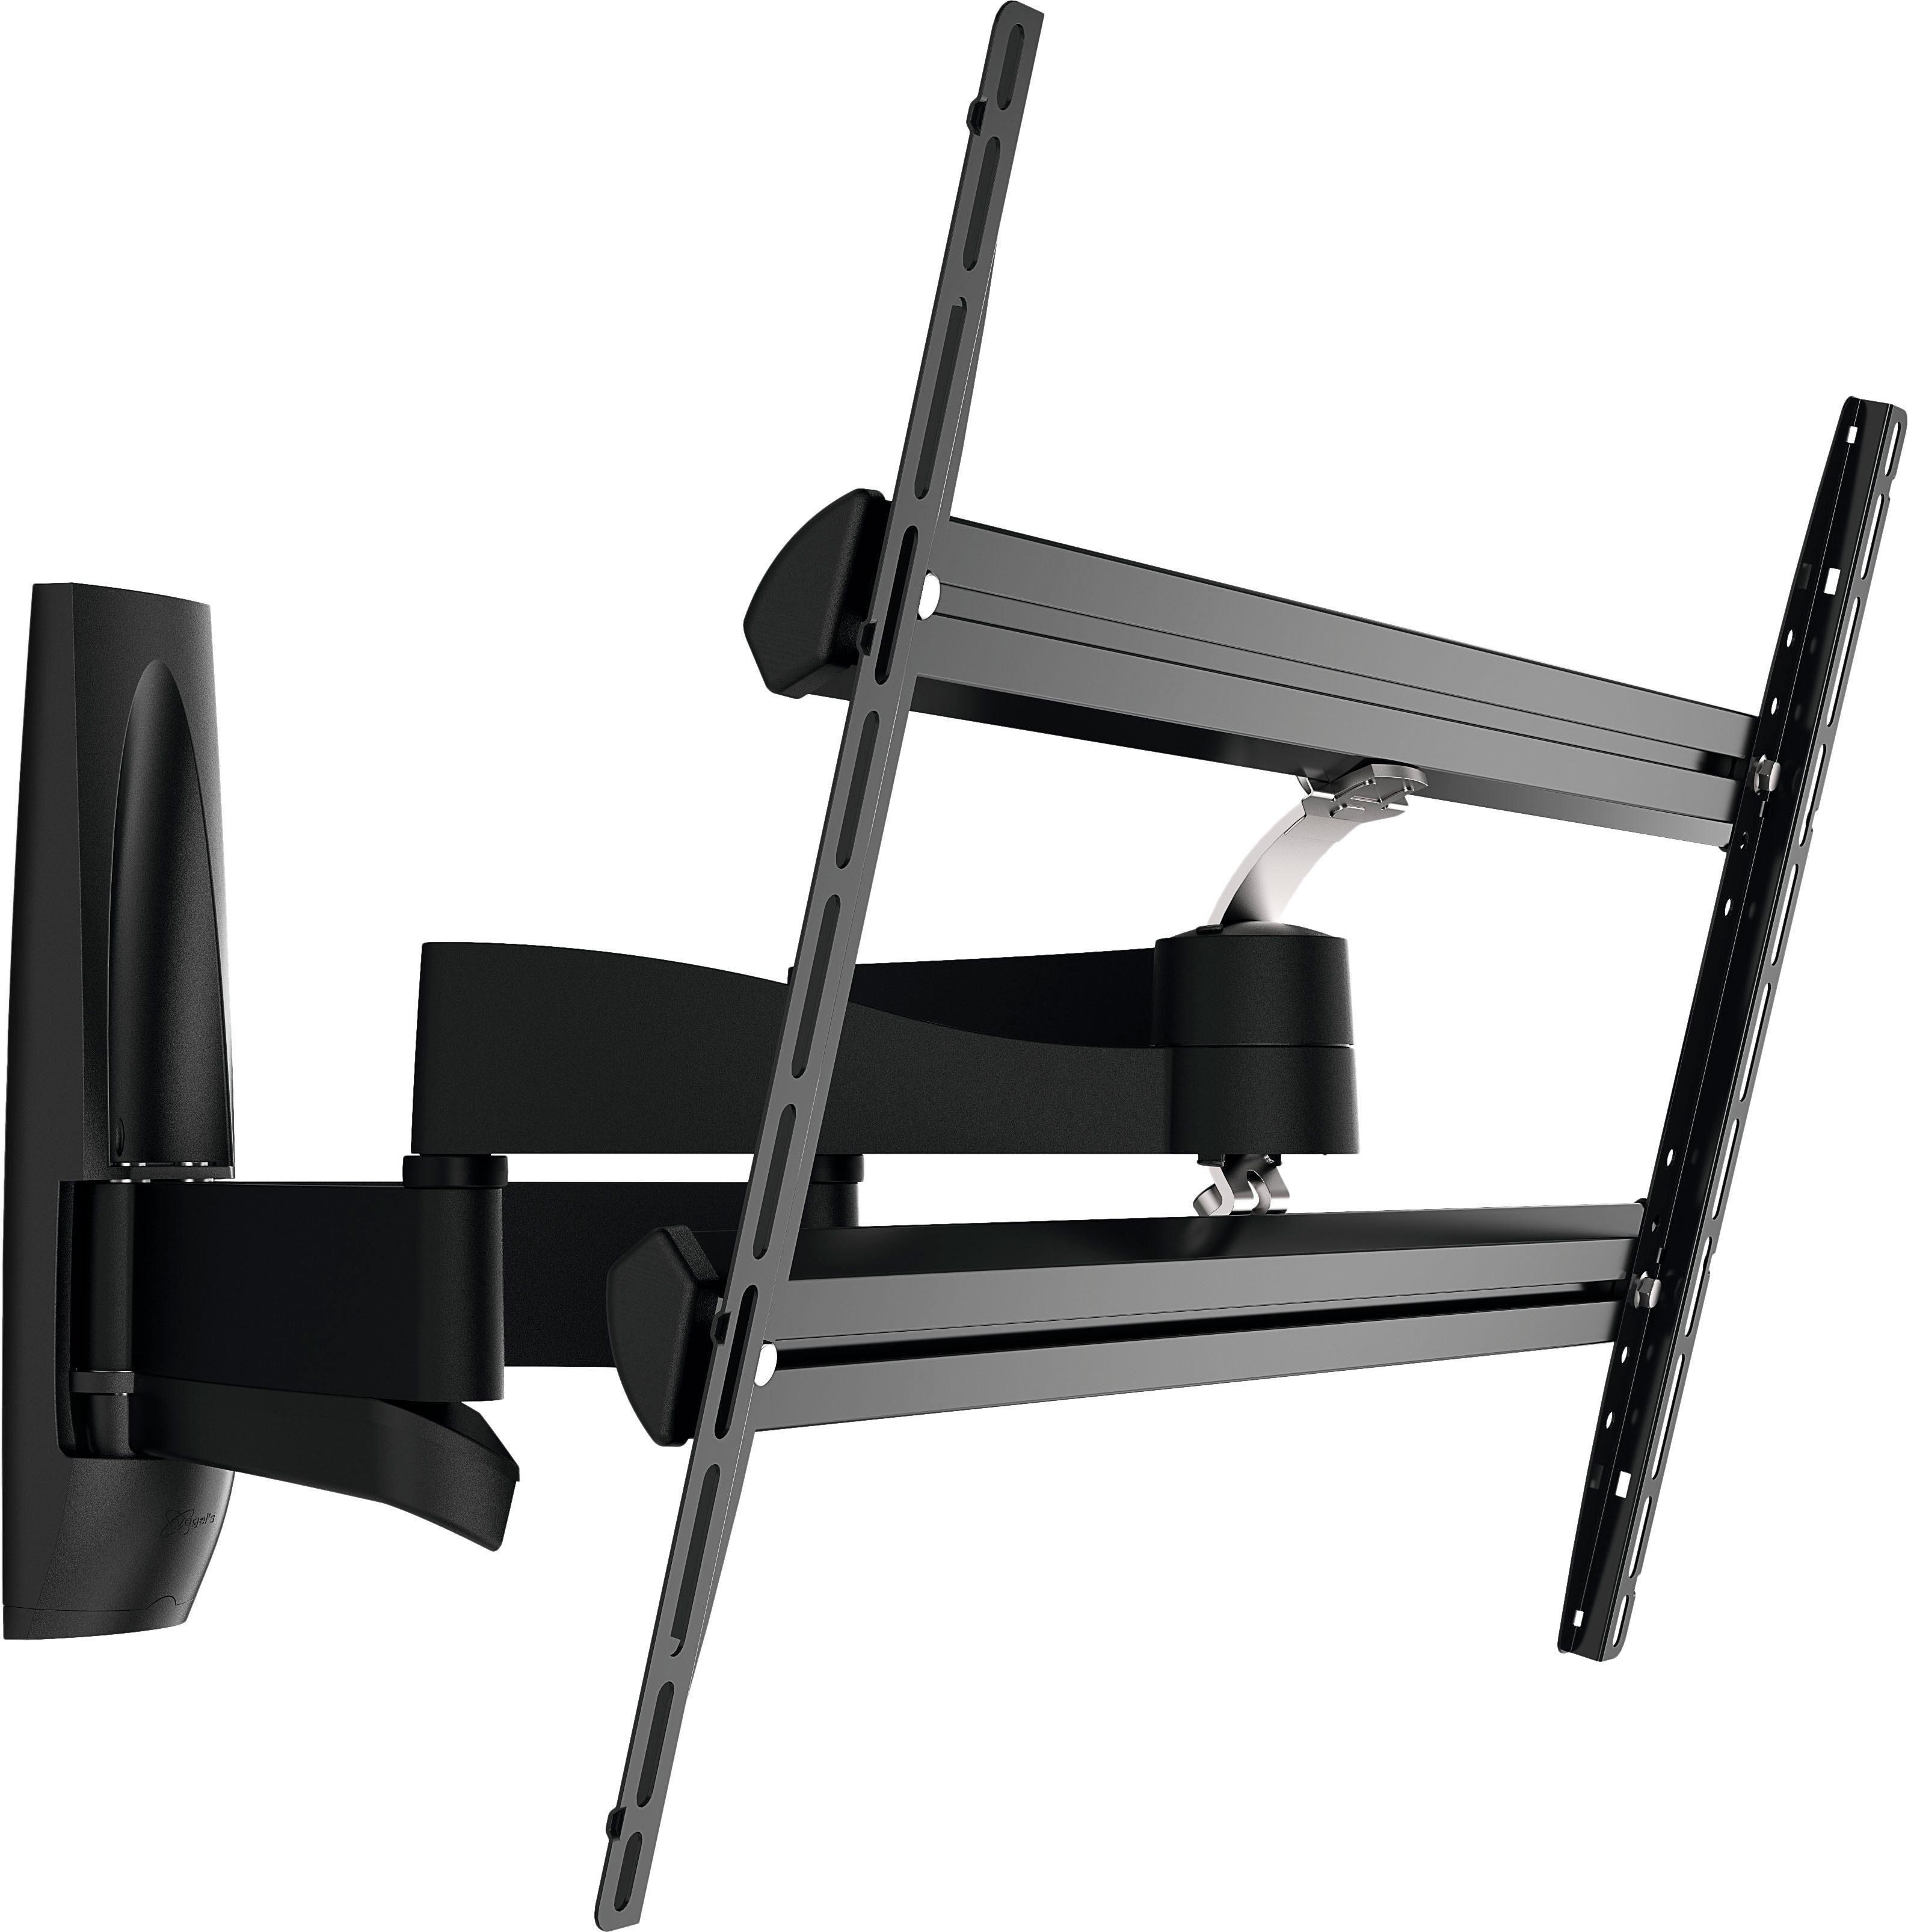 vogel's® TV-Wandhalterung »WALL 3450« schwenkbar, für 140-254 cm (55-100 Zoll) Fernseher, VESA 800x400